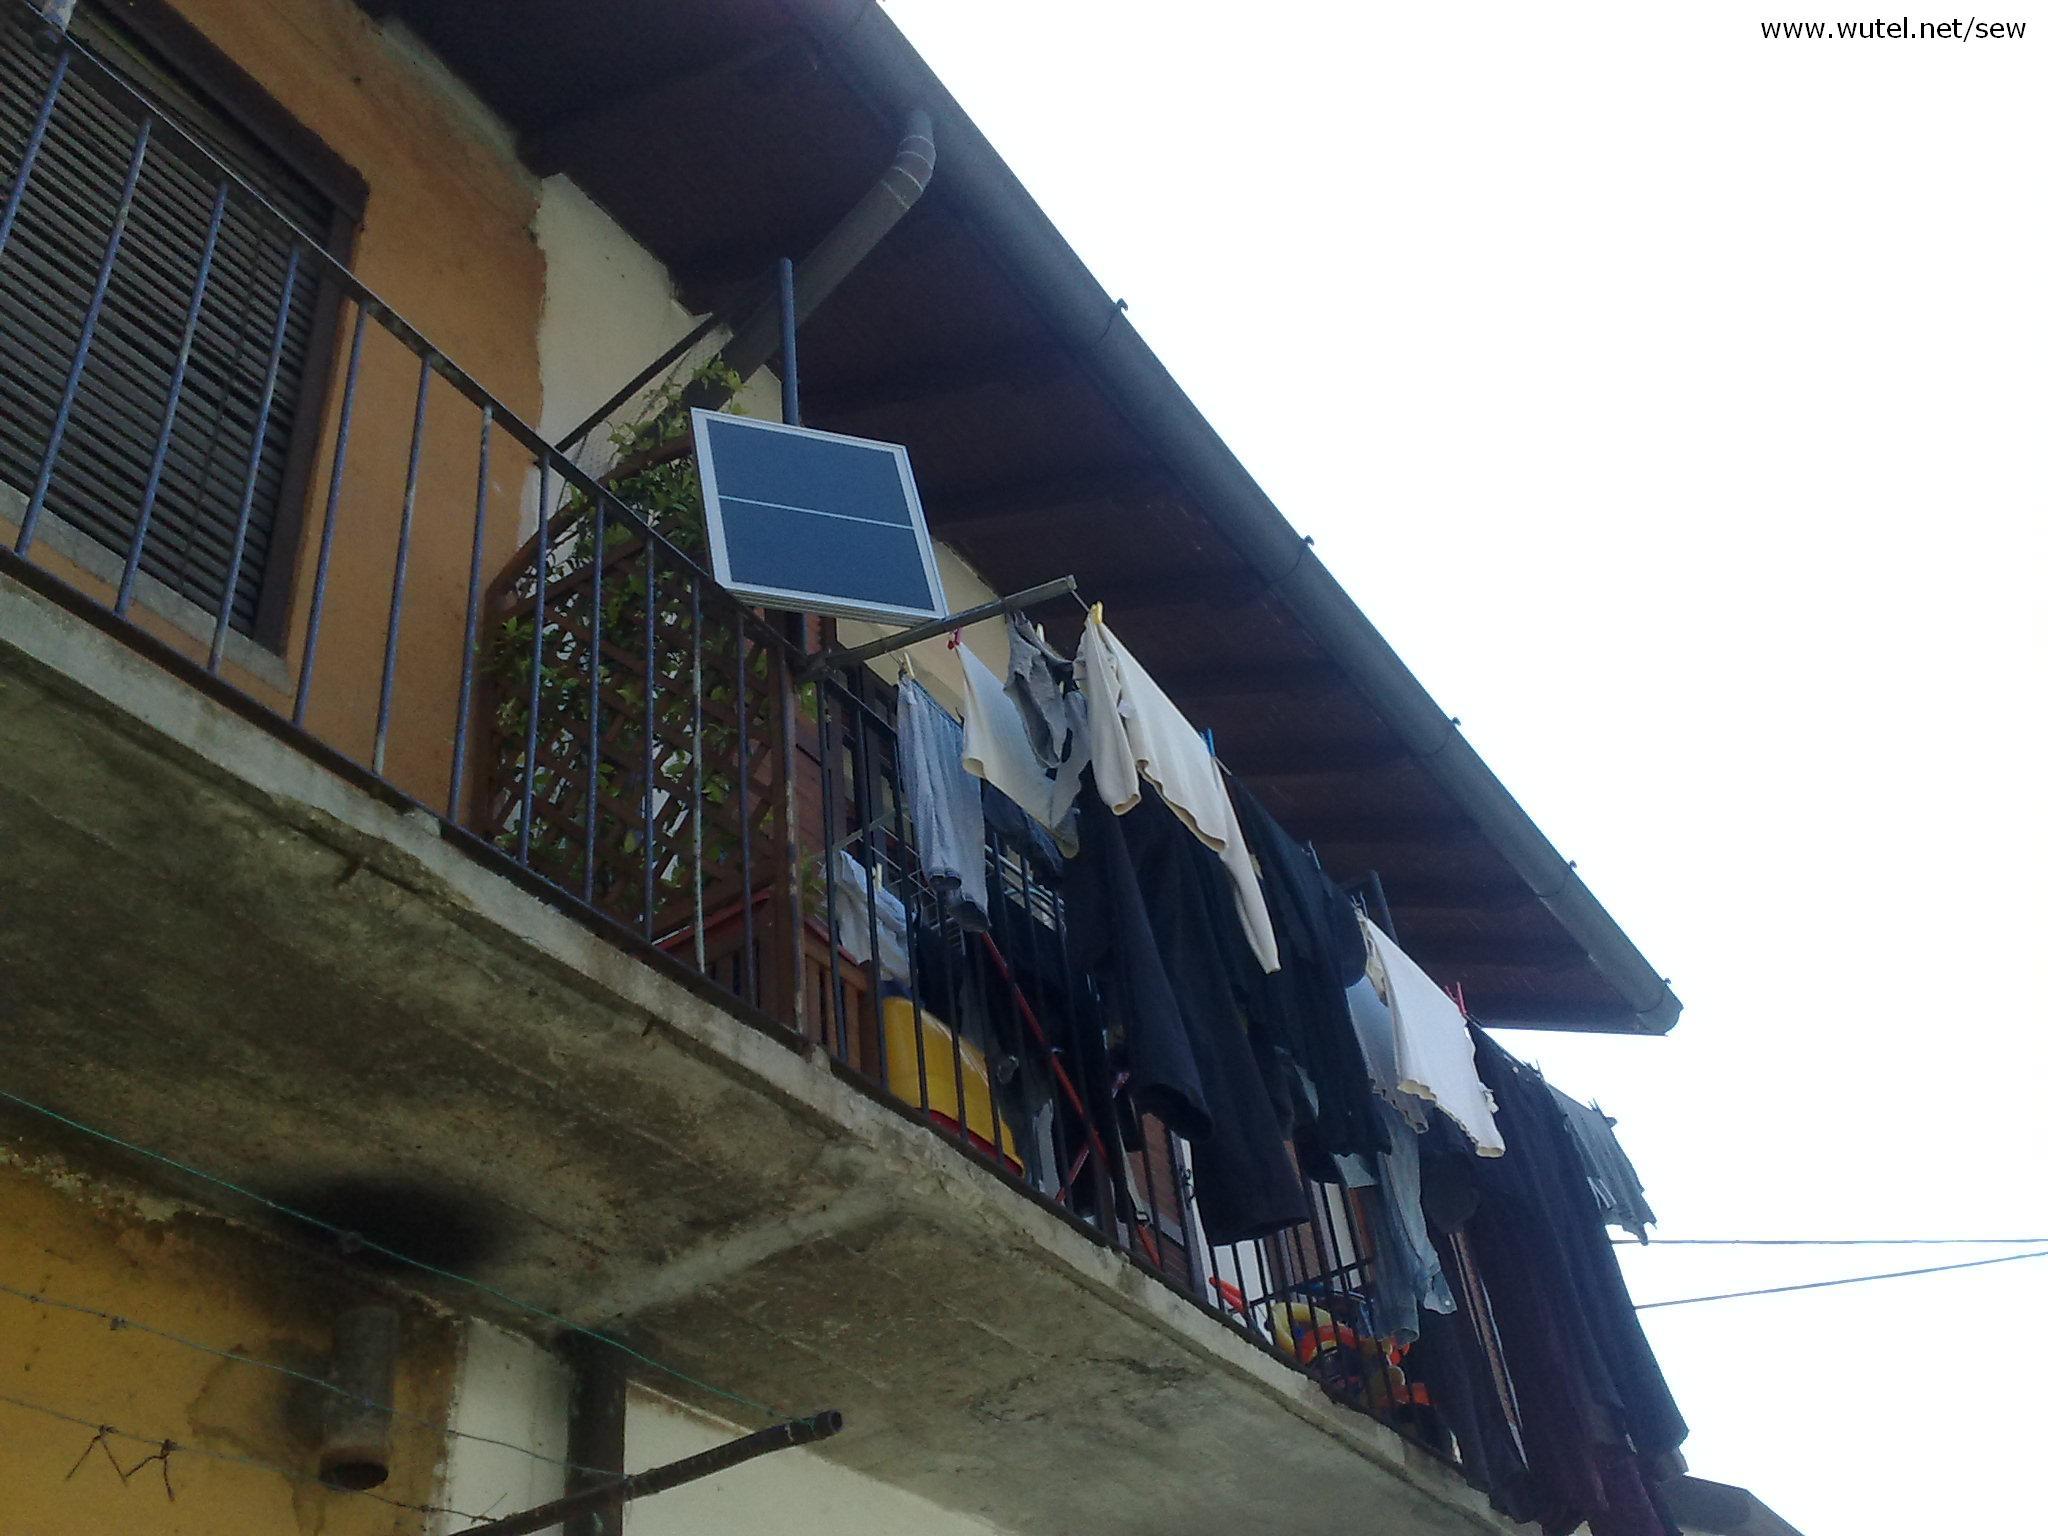 Pannello Solare Da Balcone : Wutel sole